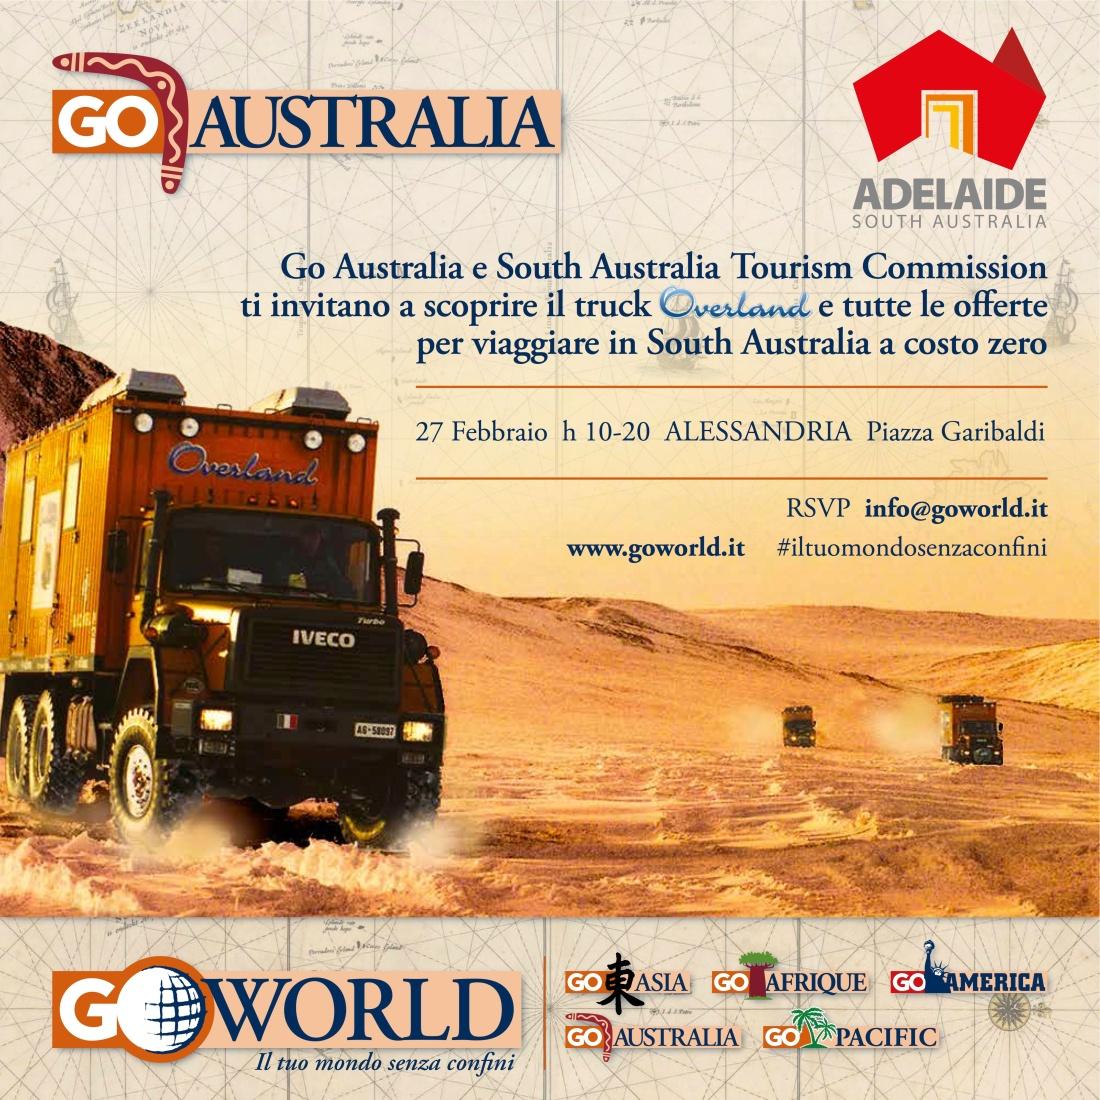 overland invito Australia ALESSANDRIA